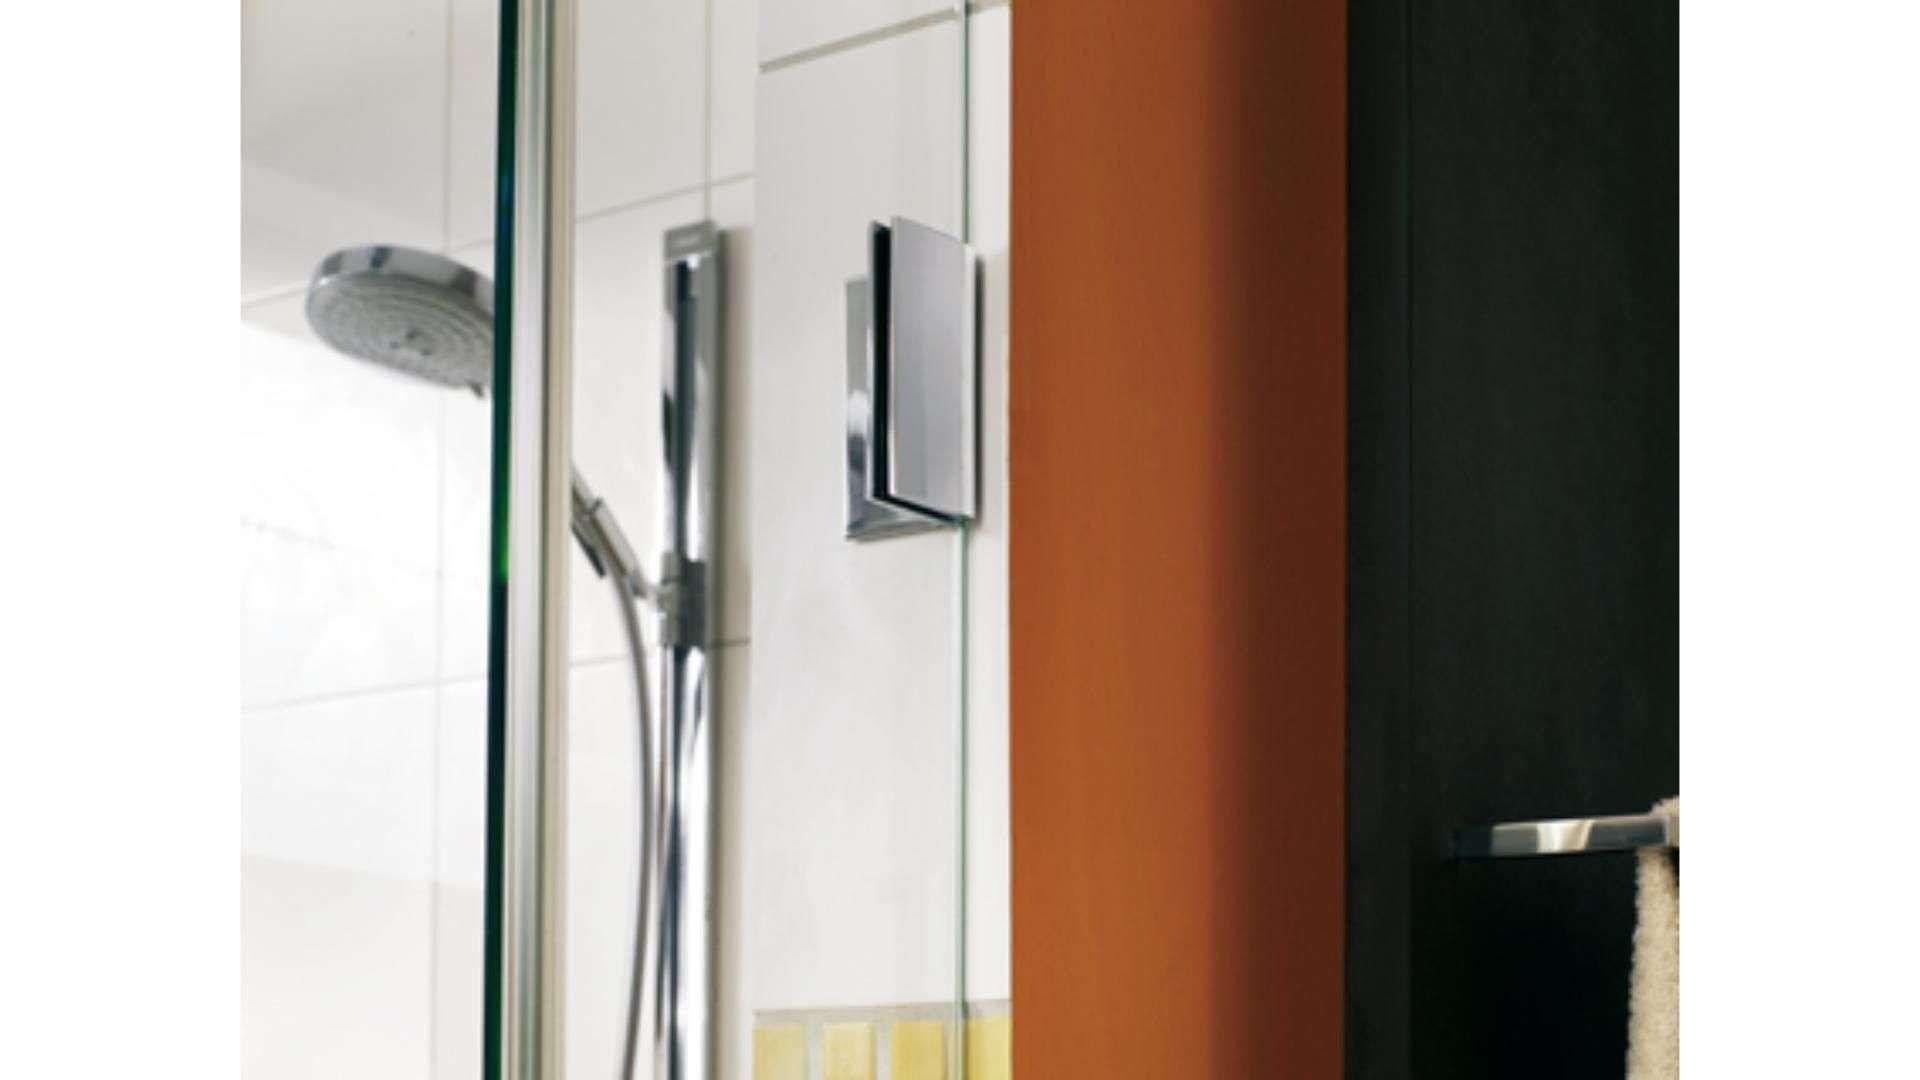 Nahansicht der Scharniere einer Duschglastür